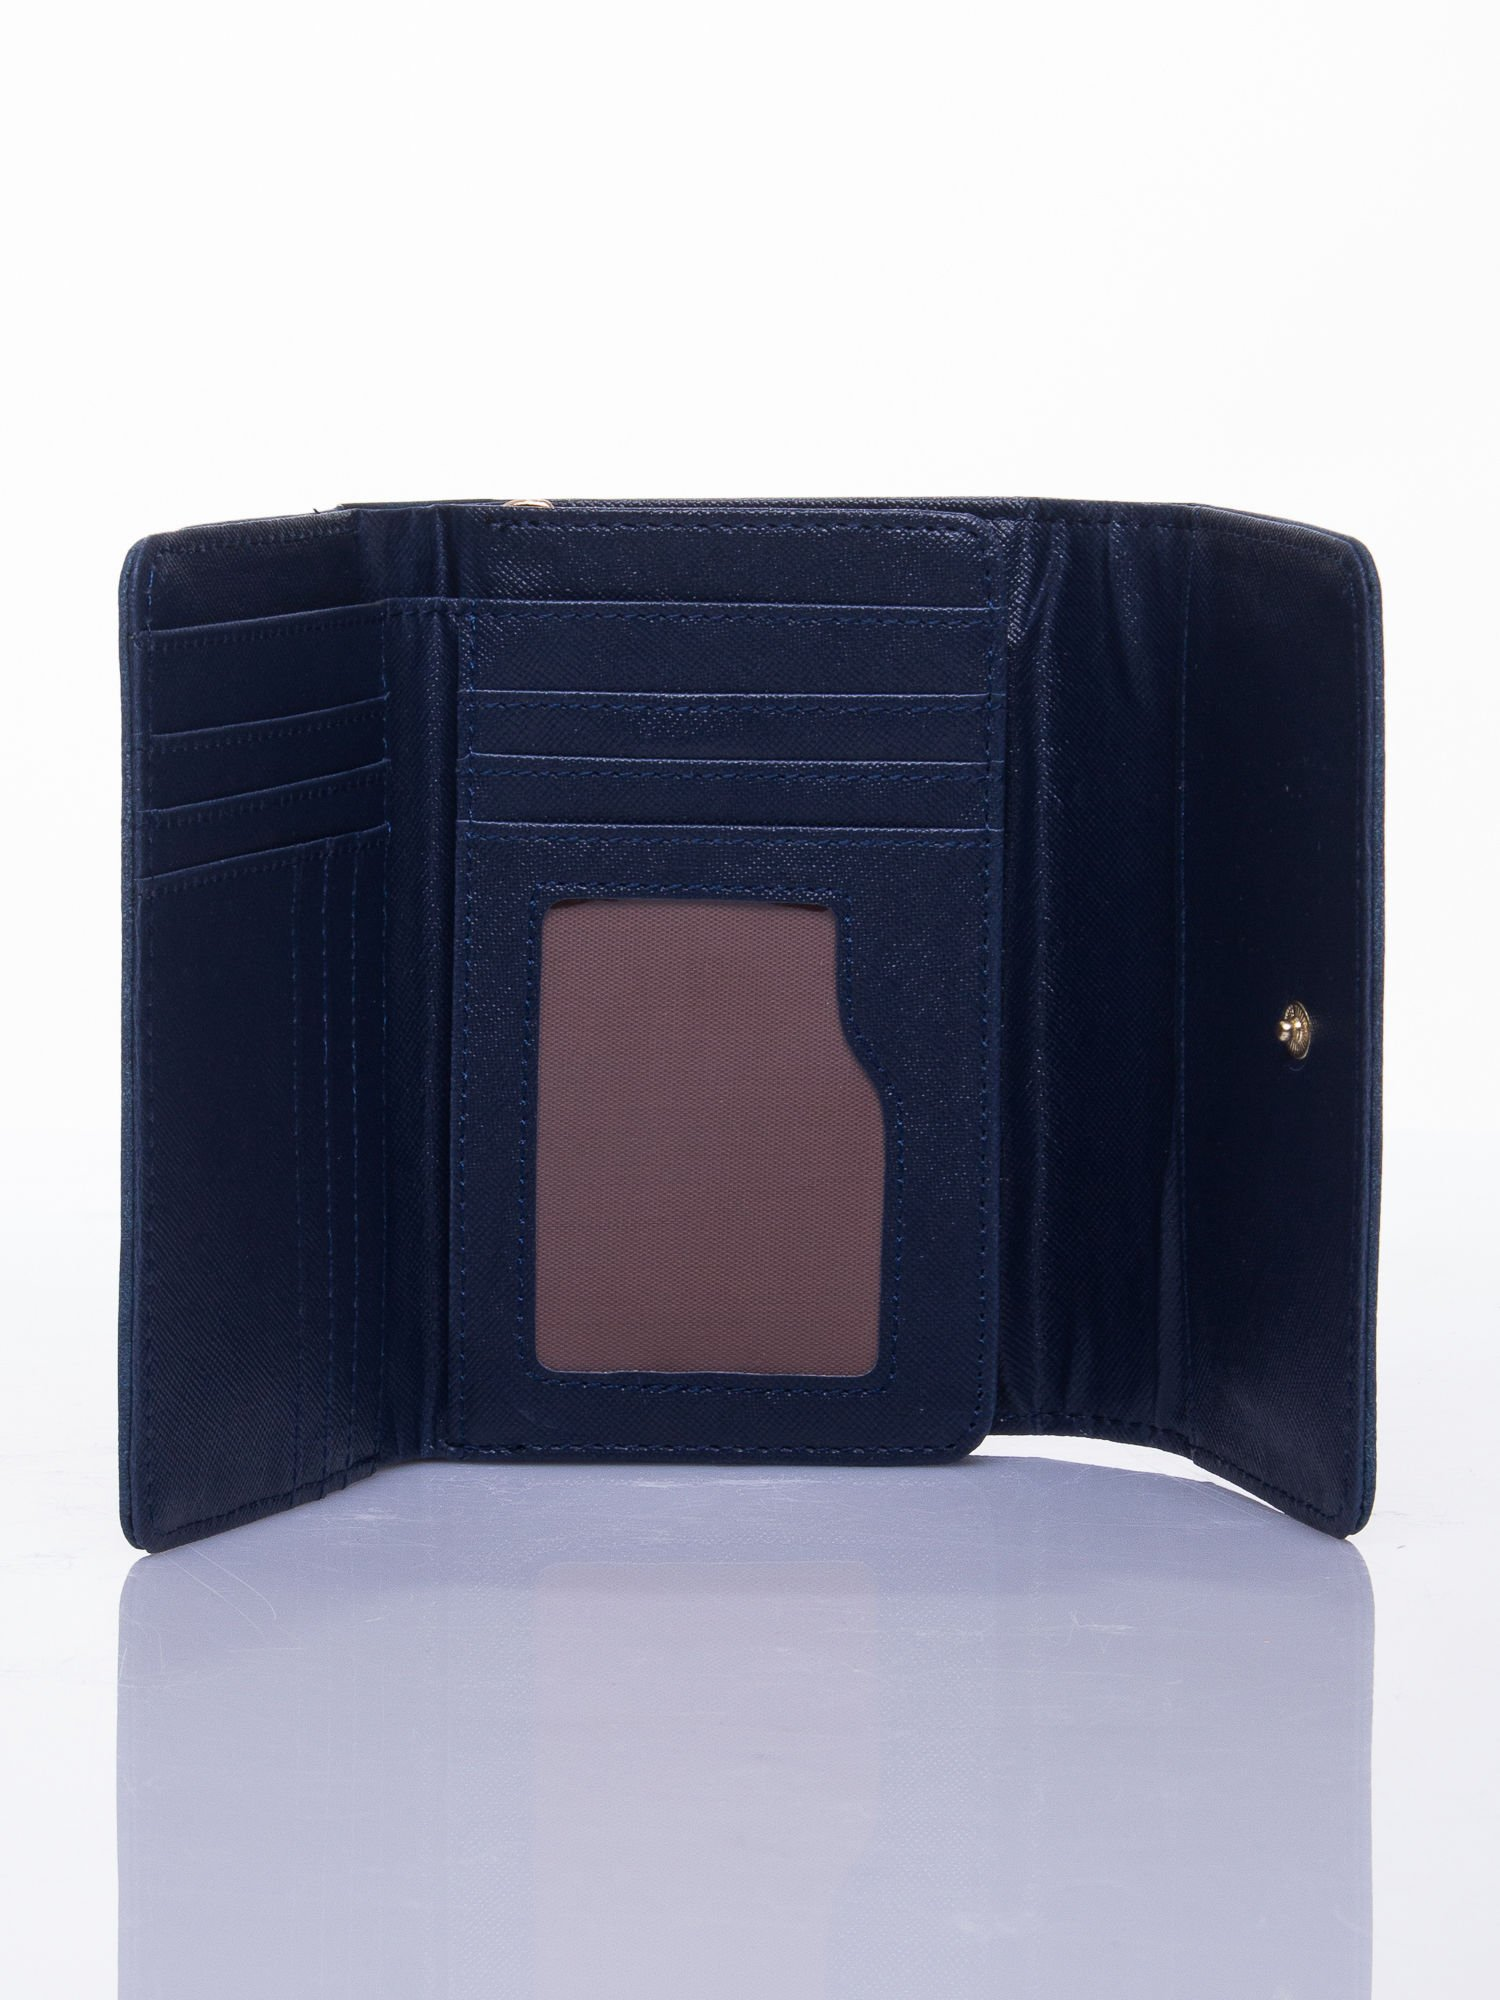 Niebieski ażurowany portfel ze złotym zapięciem                                  zdj.                                  3